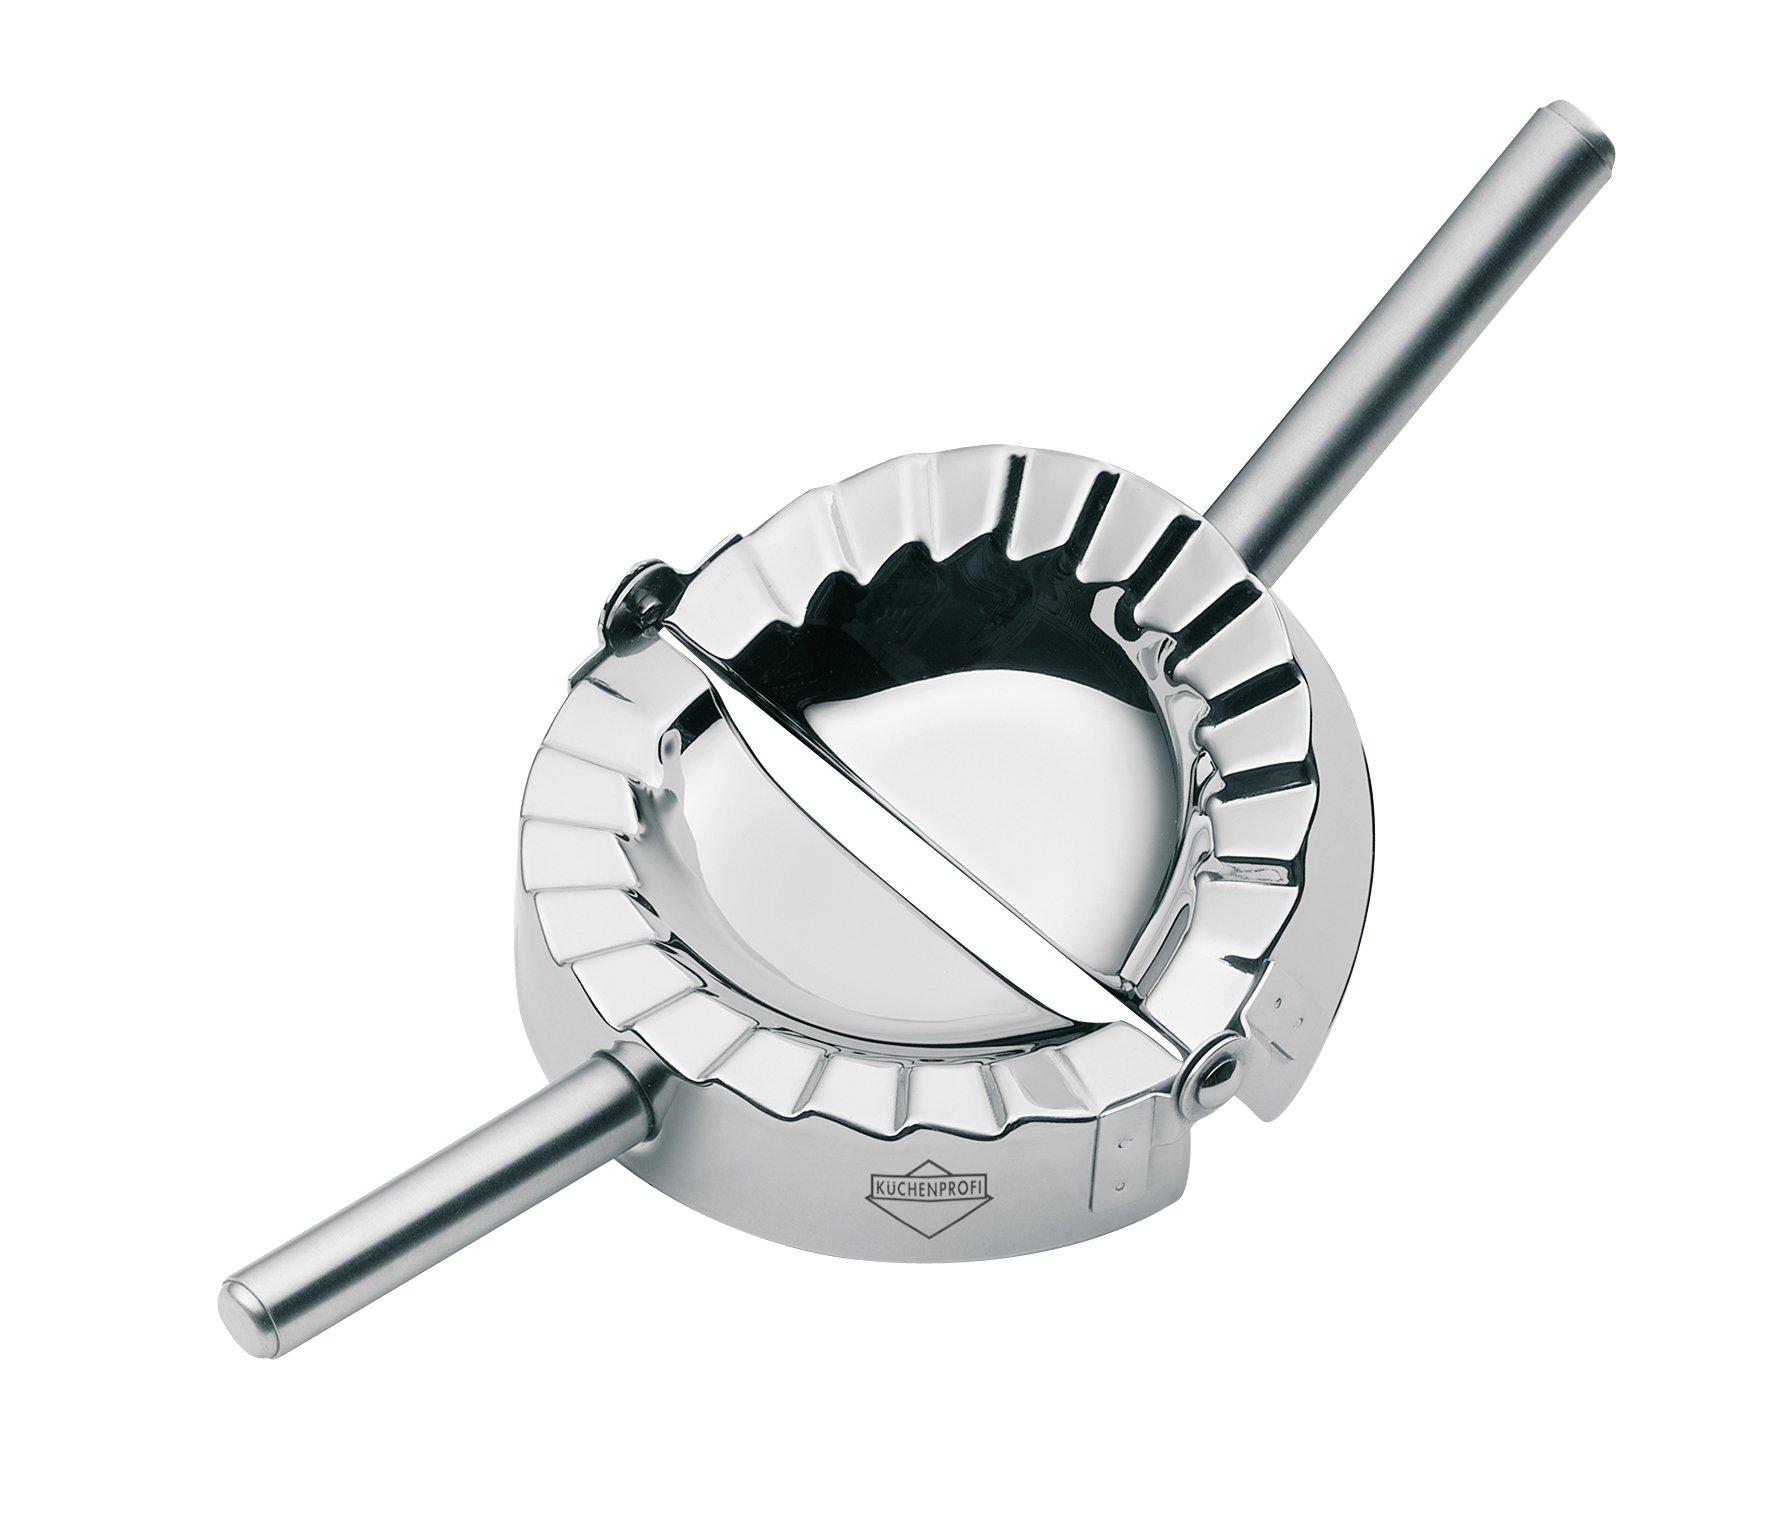 Kuechenprofi Ravioli Dumpling Maker, 4''-Medium, Silver